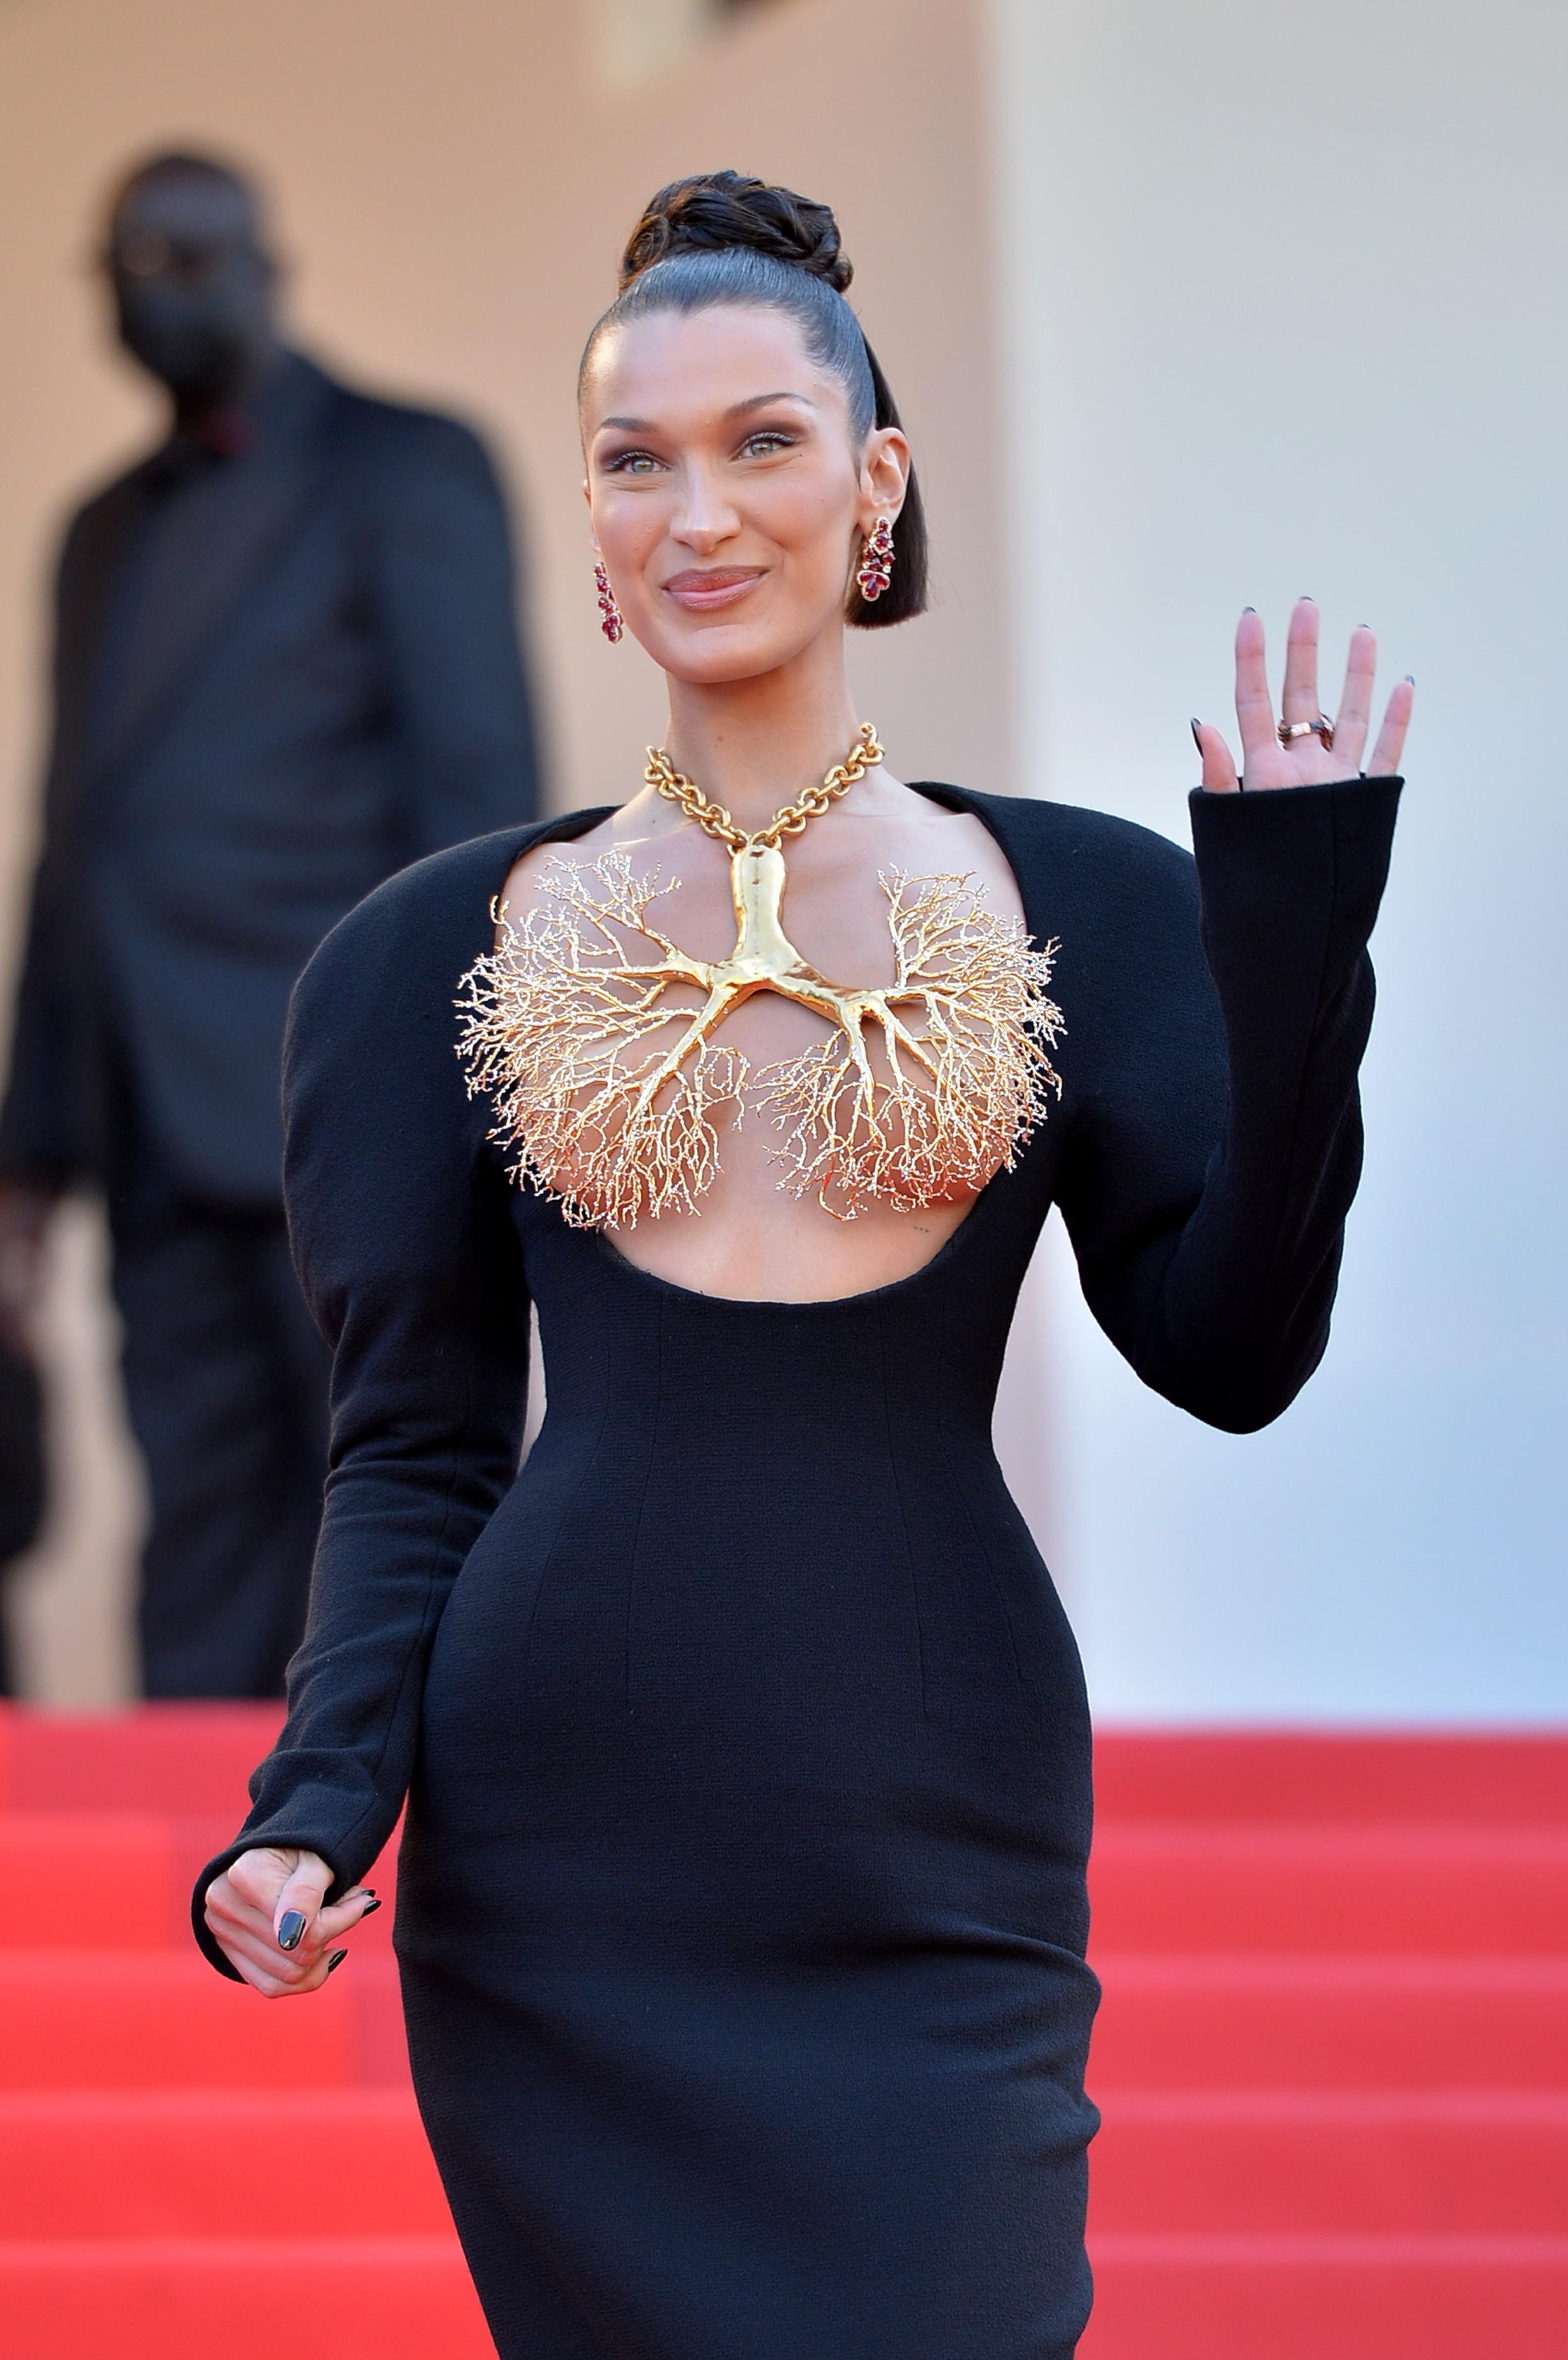 La modella Bella Hadid posa sul tappeto rosso per il dramma italiano Tre Piani (2021) al Festival di Cannes (Immagine: Getty Images)